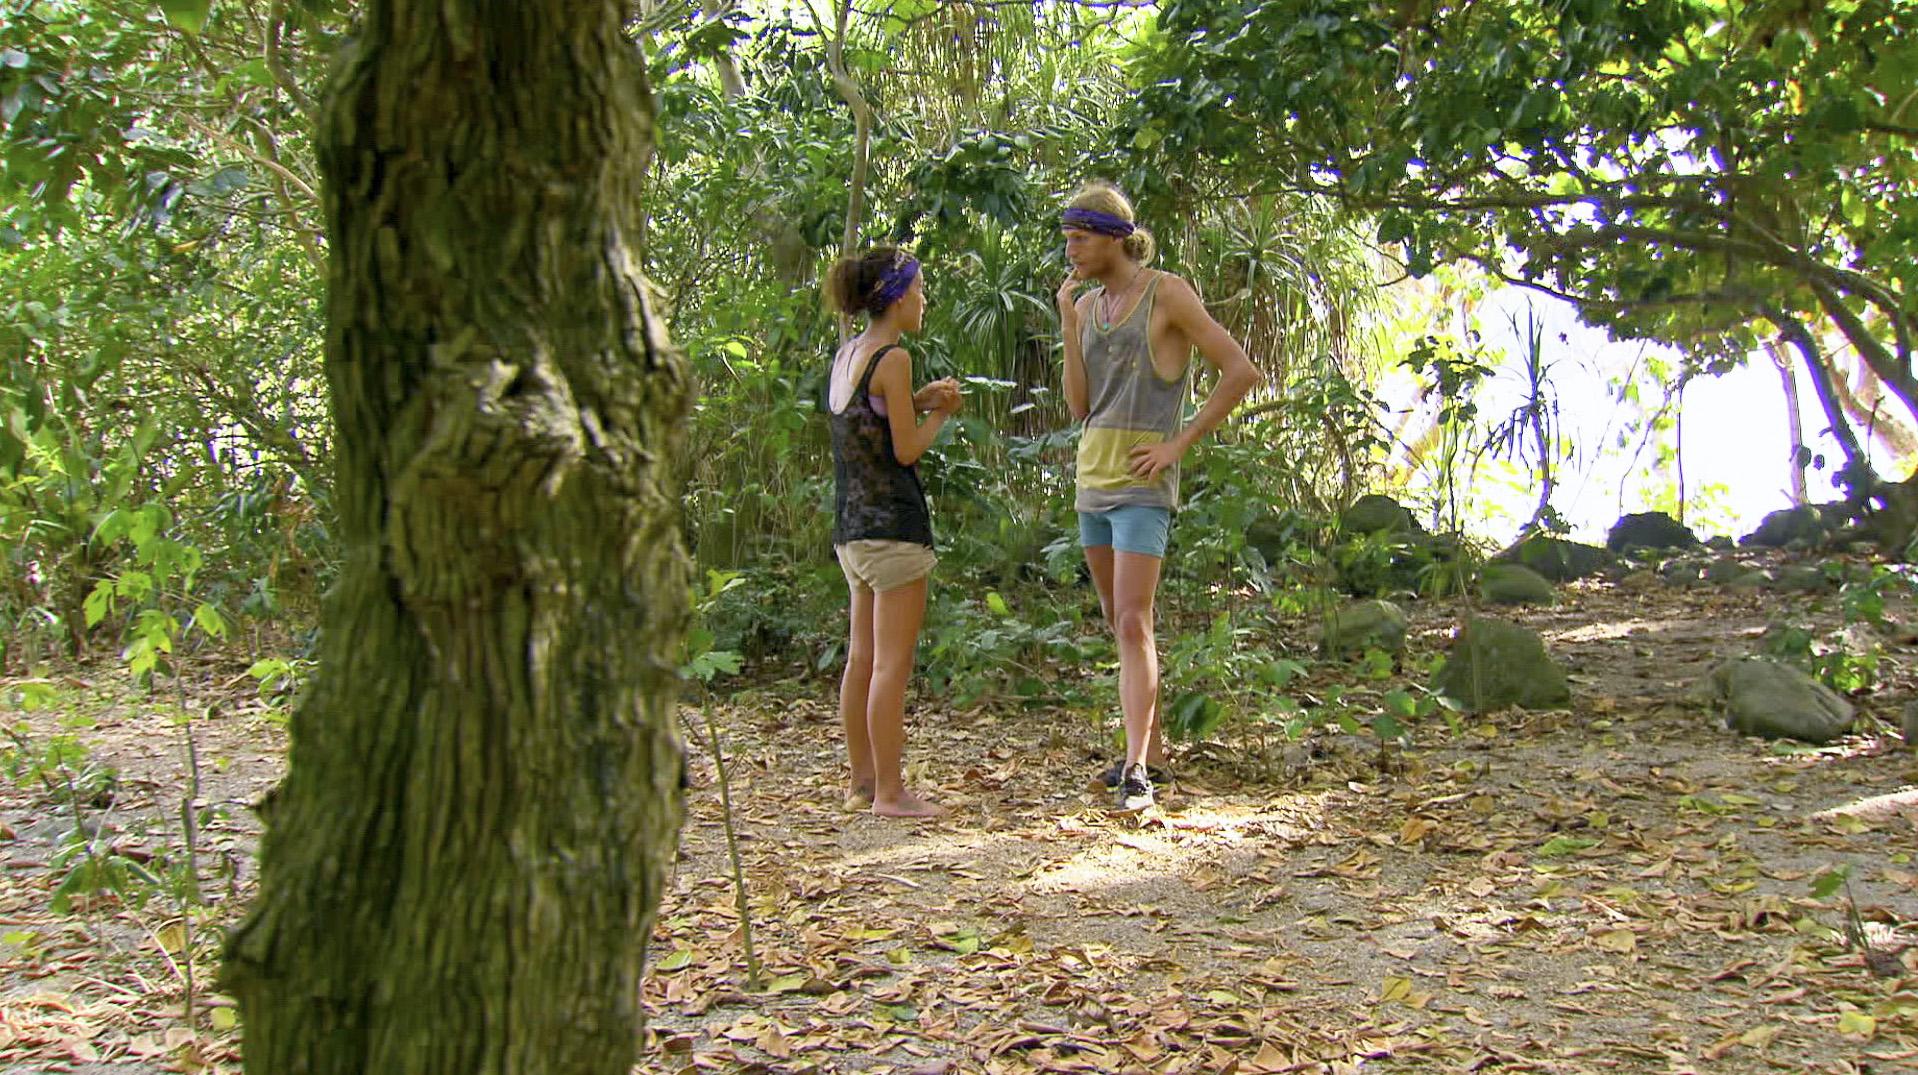 Secret chat in Season 27 Episode 11